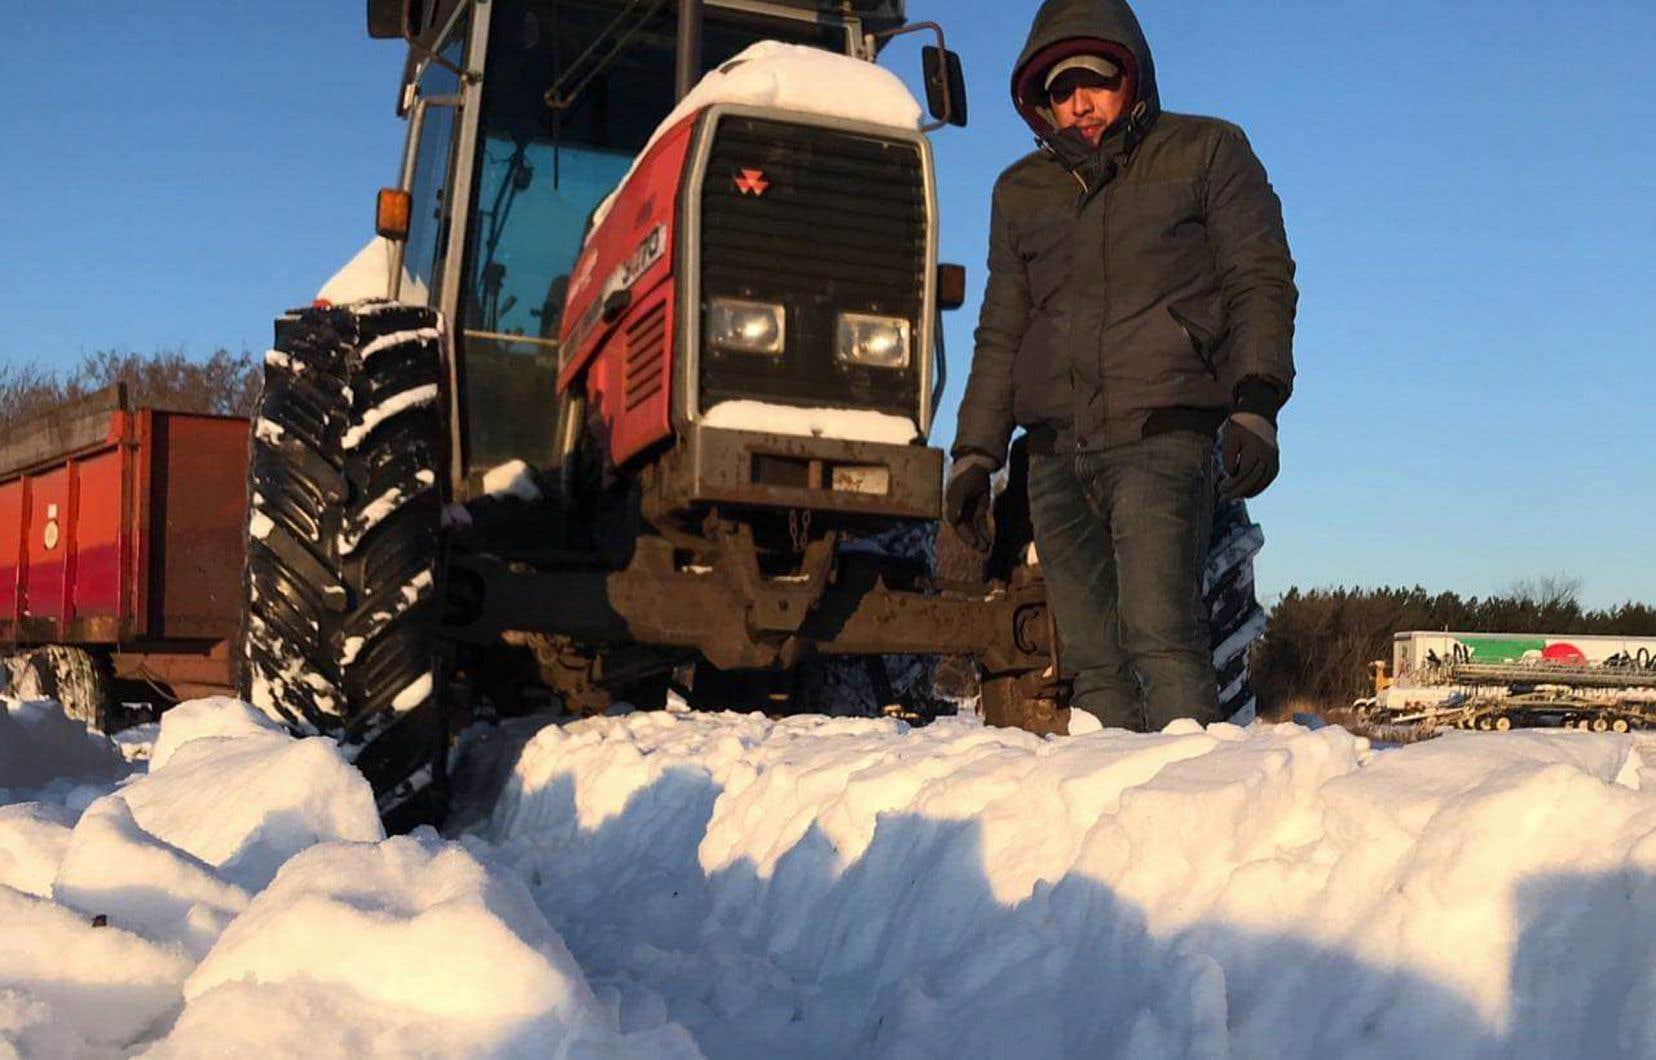 Les agences de recrutement international de main-d'œuvre FERME et Arimé estiment qu'environ 5000 travailleurs étrangers œuvrant dans les secteurs agricoles (laitier, porcin, avicole, serres et emballage maraîcher) passeront cette année l'hiver au Québec.